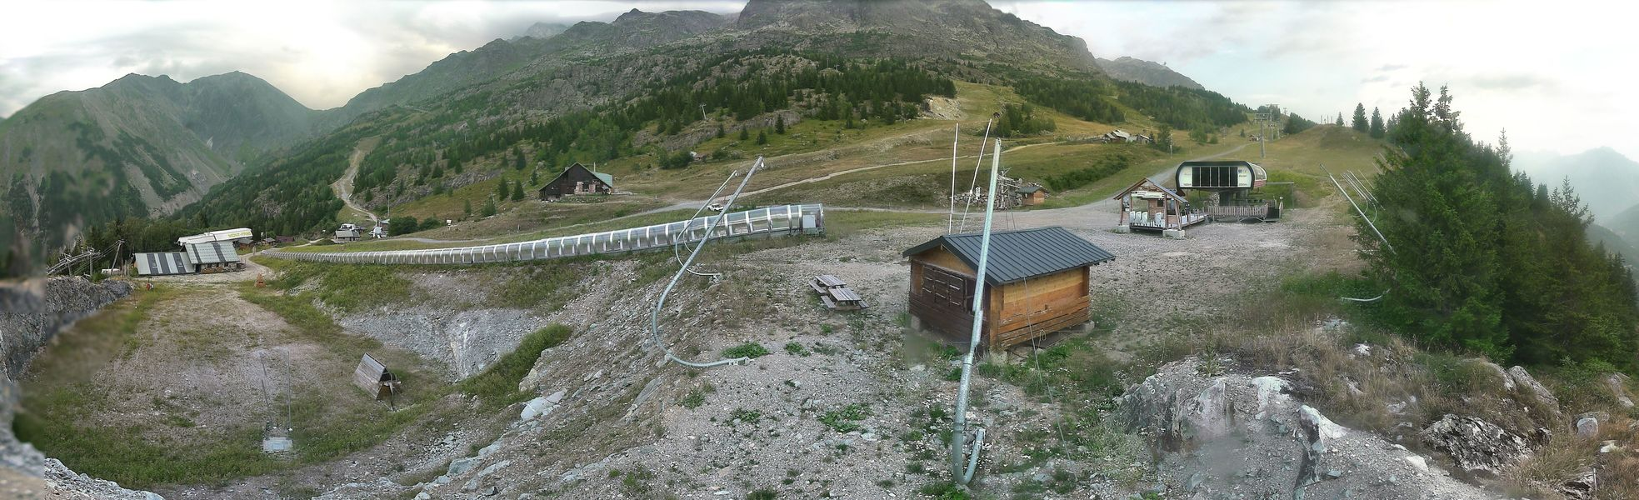 sneeuwcam Vaujany